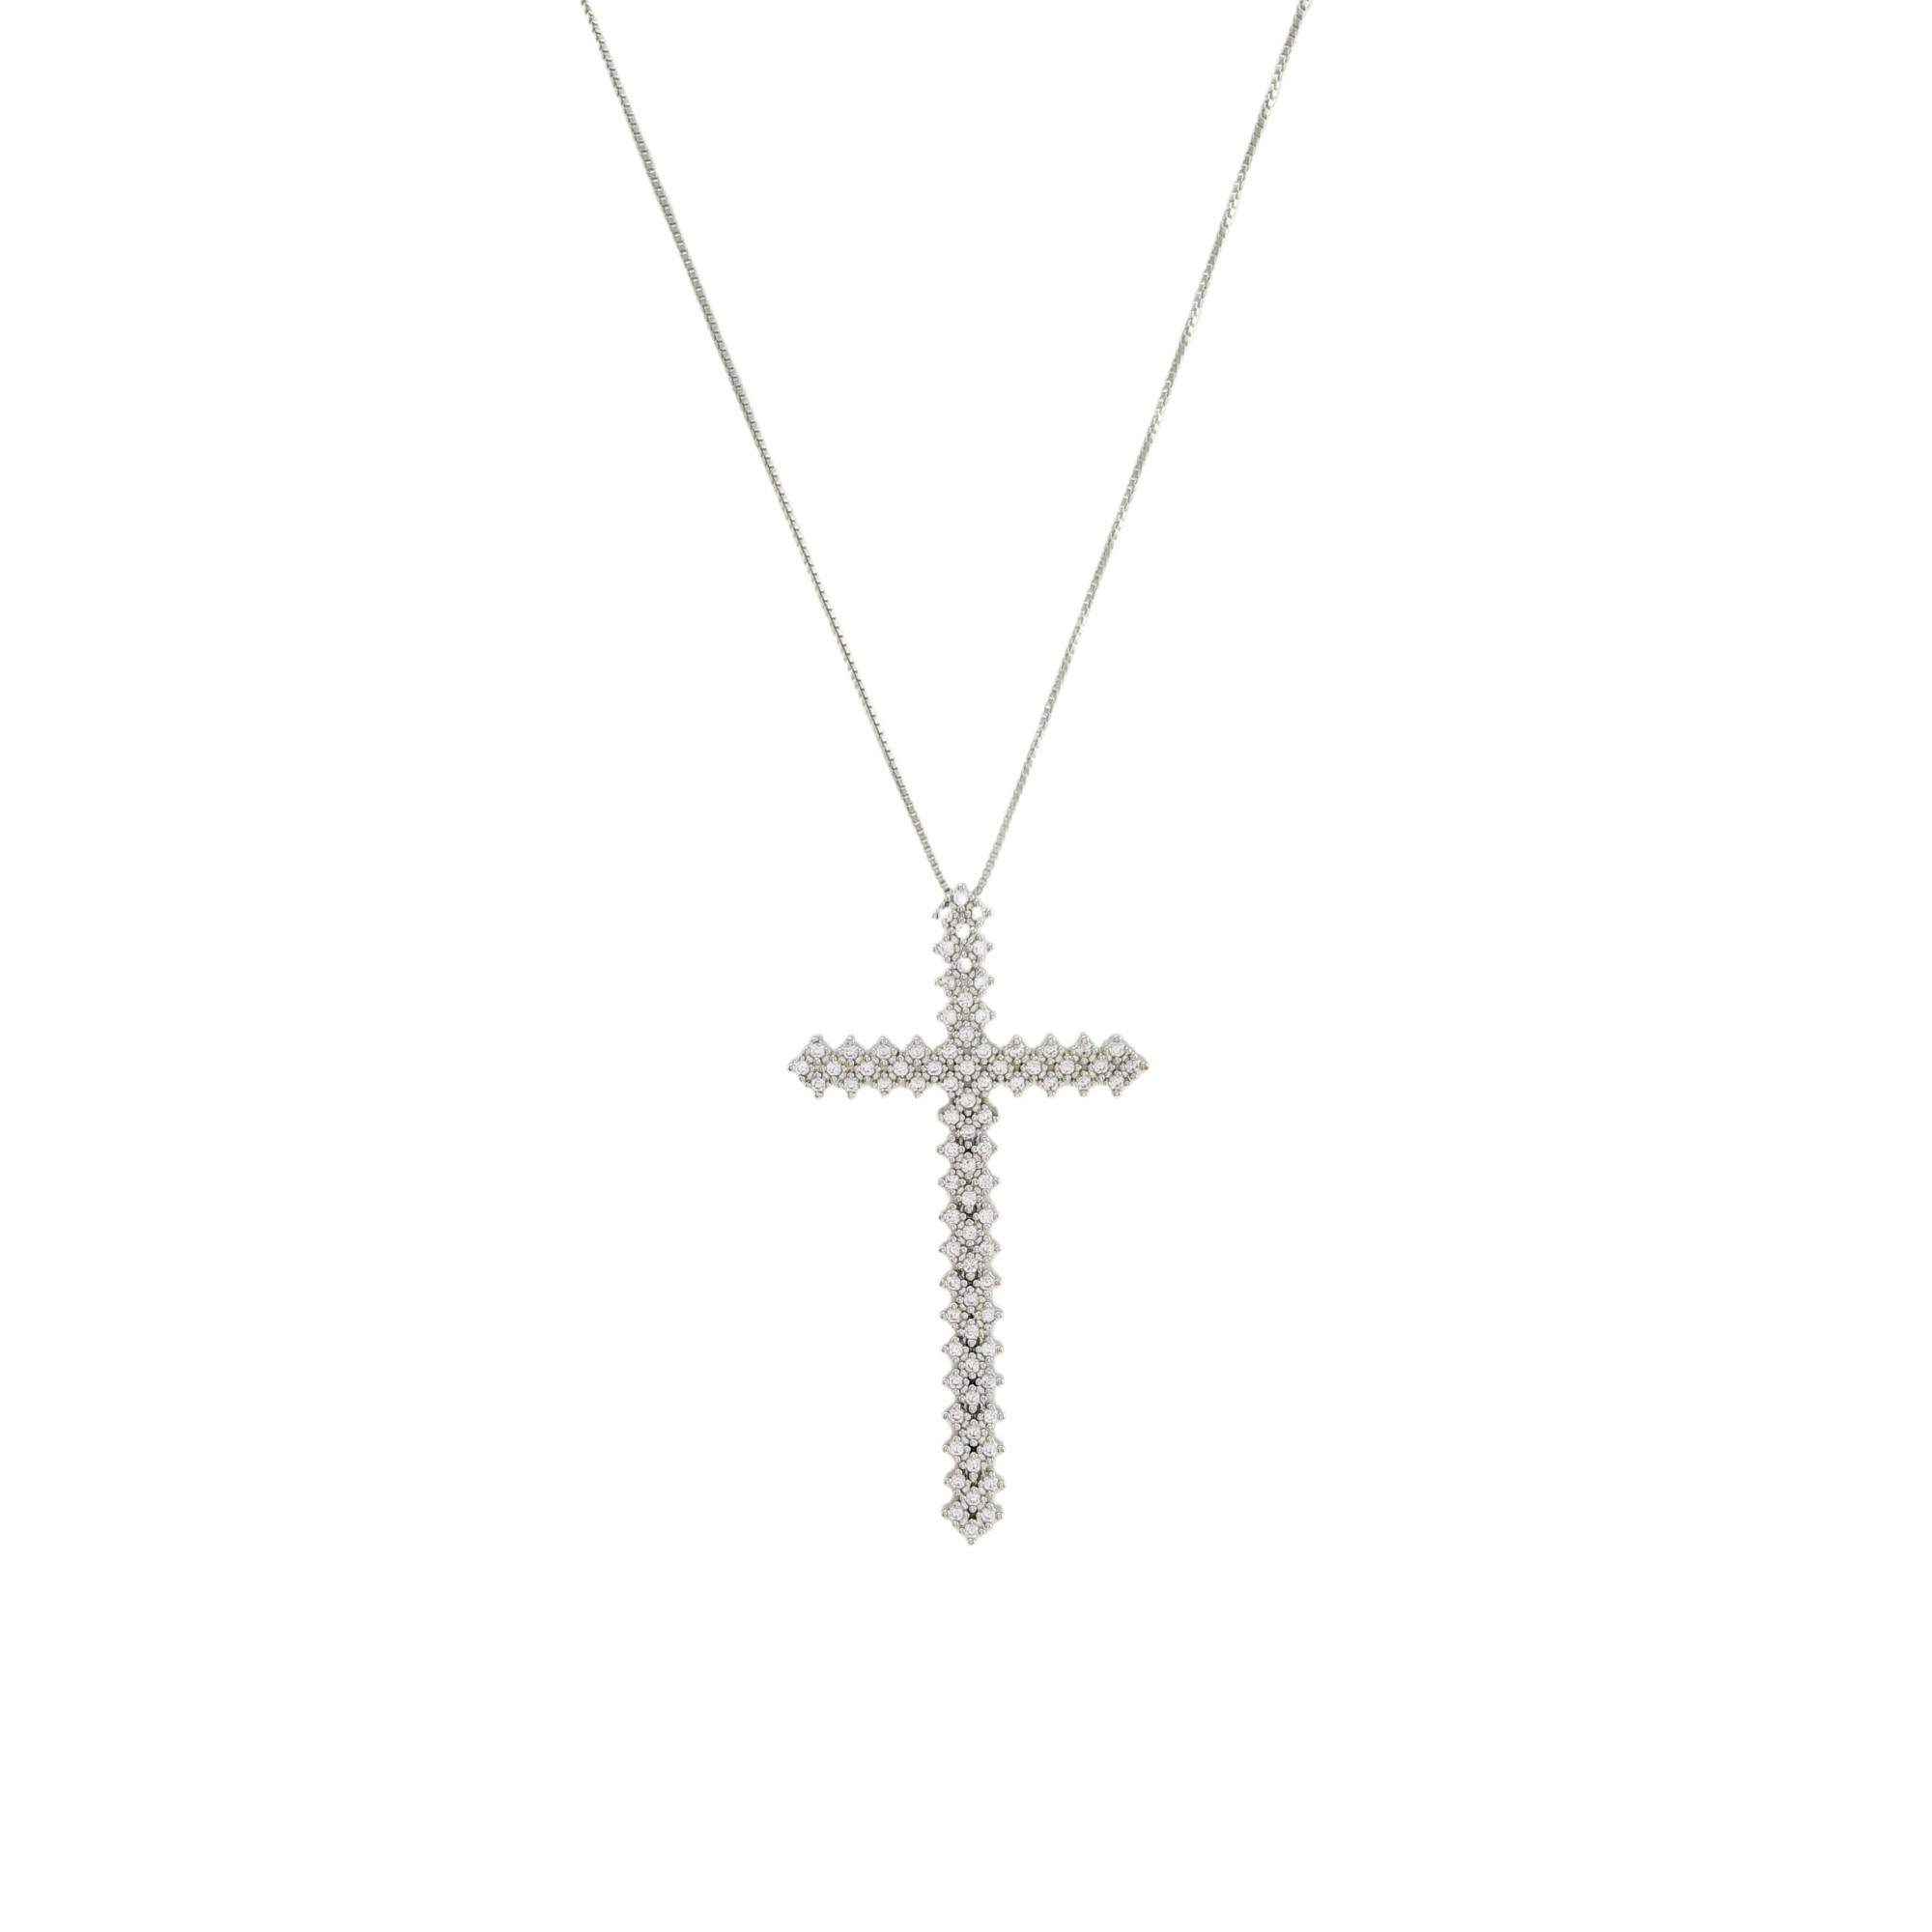 Colar cruz cravejada banhado a prata